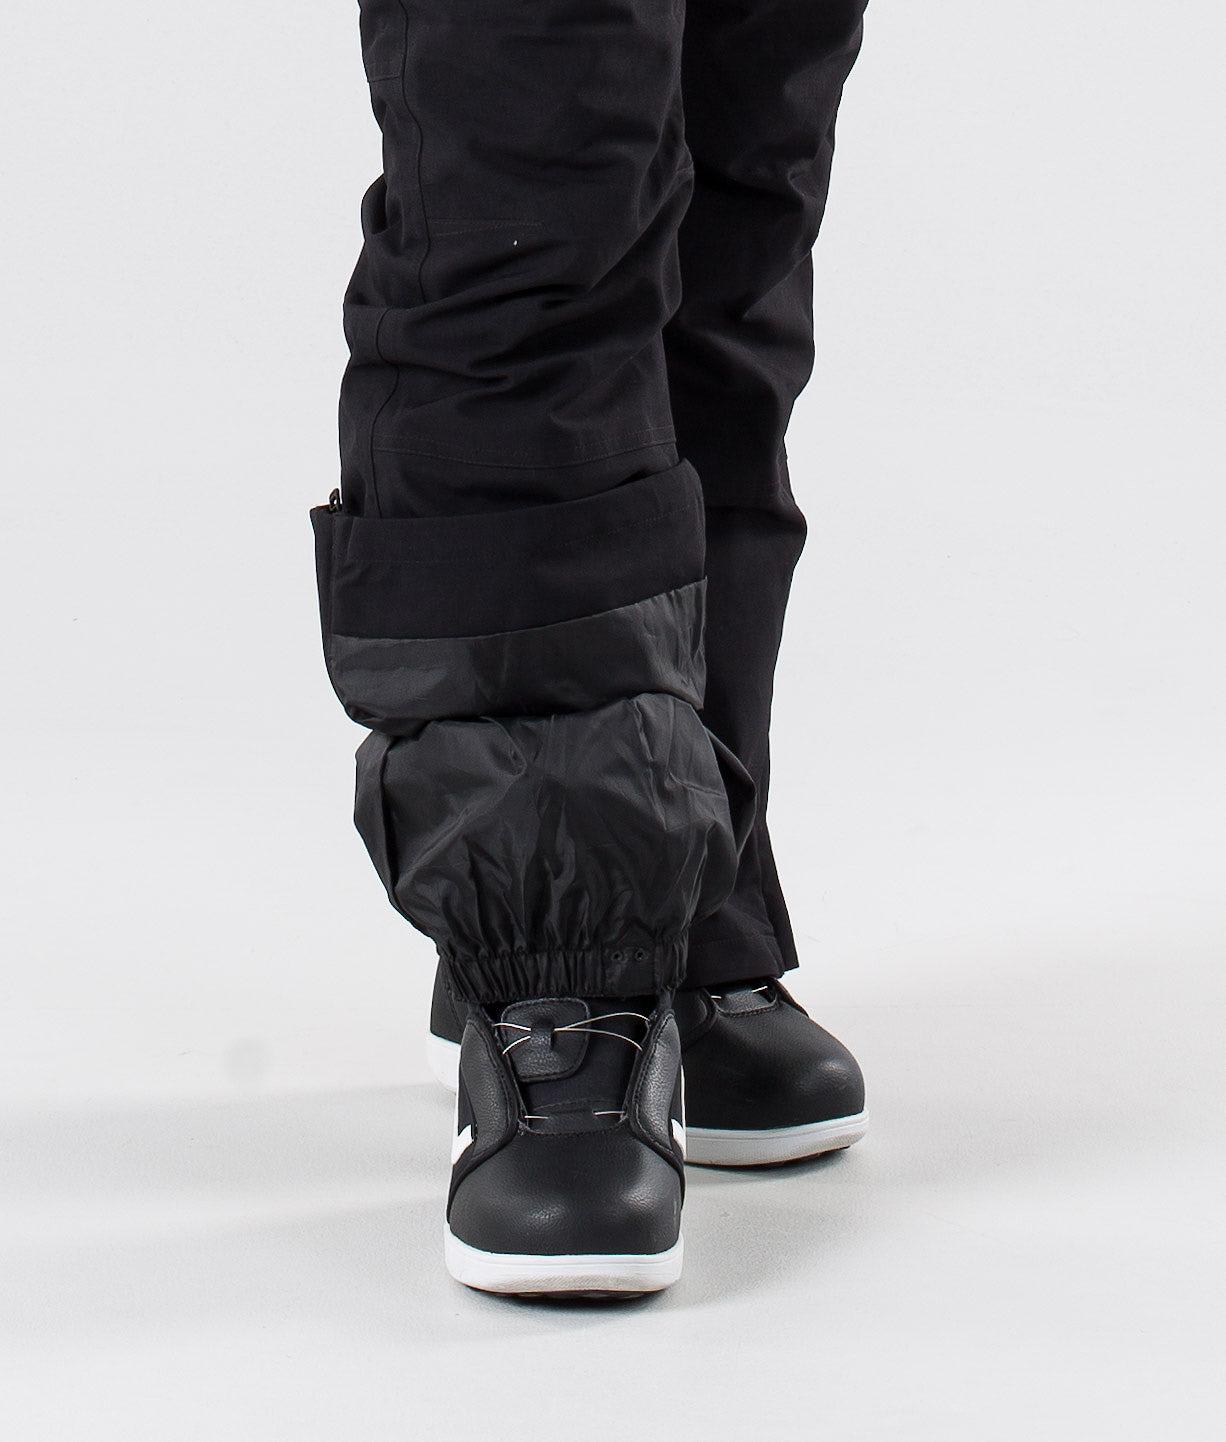 Notorious BIB W | Achète des Pantalon de Snowboard de chez Dope sur Ridestore.fr | Bien-sûr, les frais de ports sont offerts et les retours gratuits pendant 30 jours !